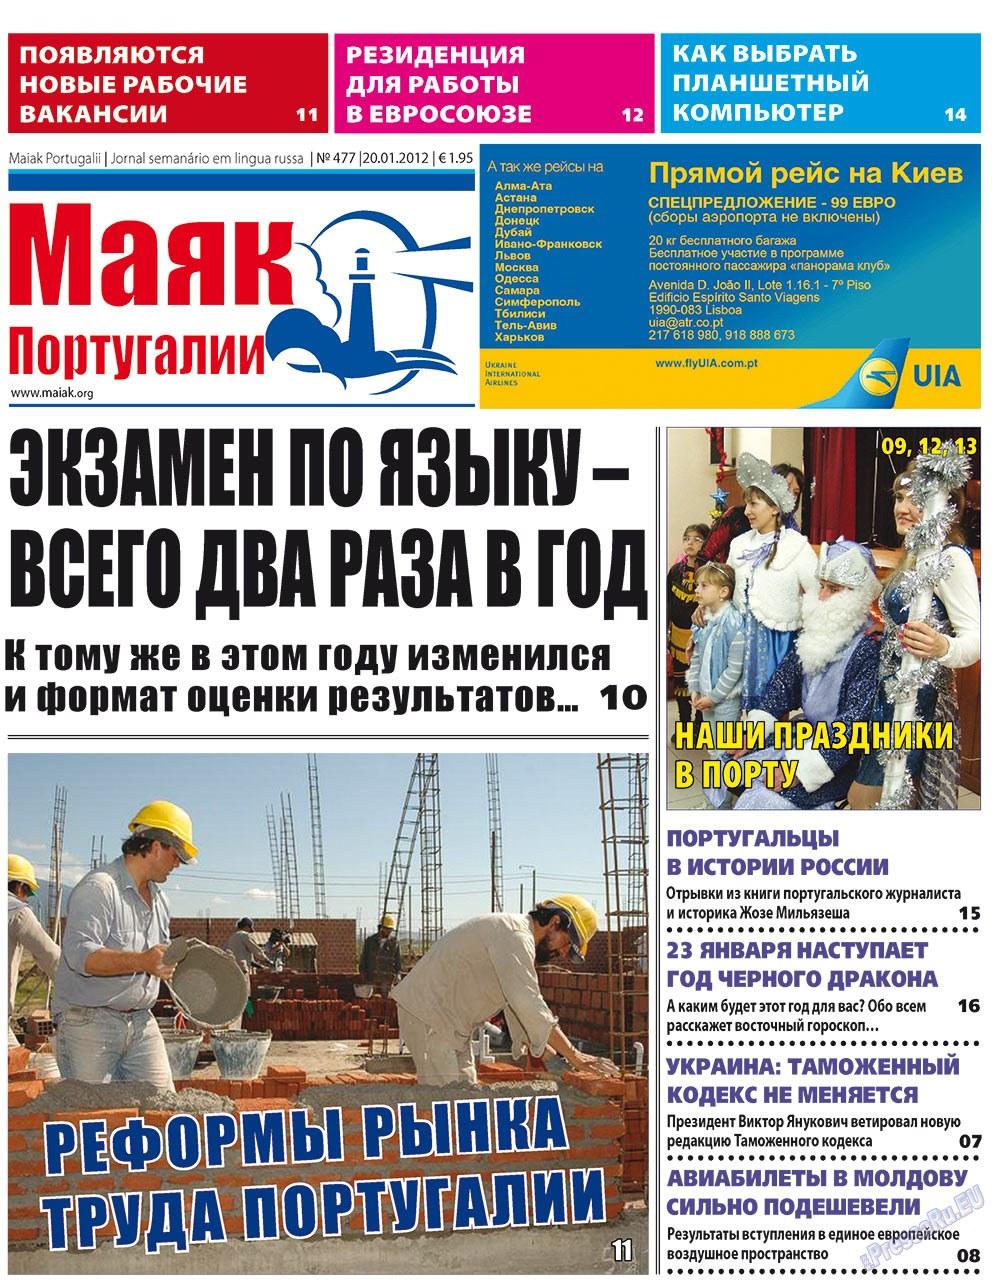 Маяк Португалии (газета). 2012 год, номер 477, стр. 1